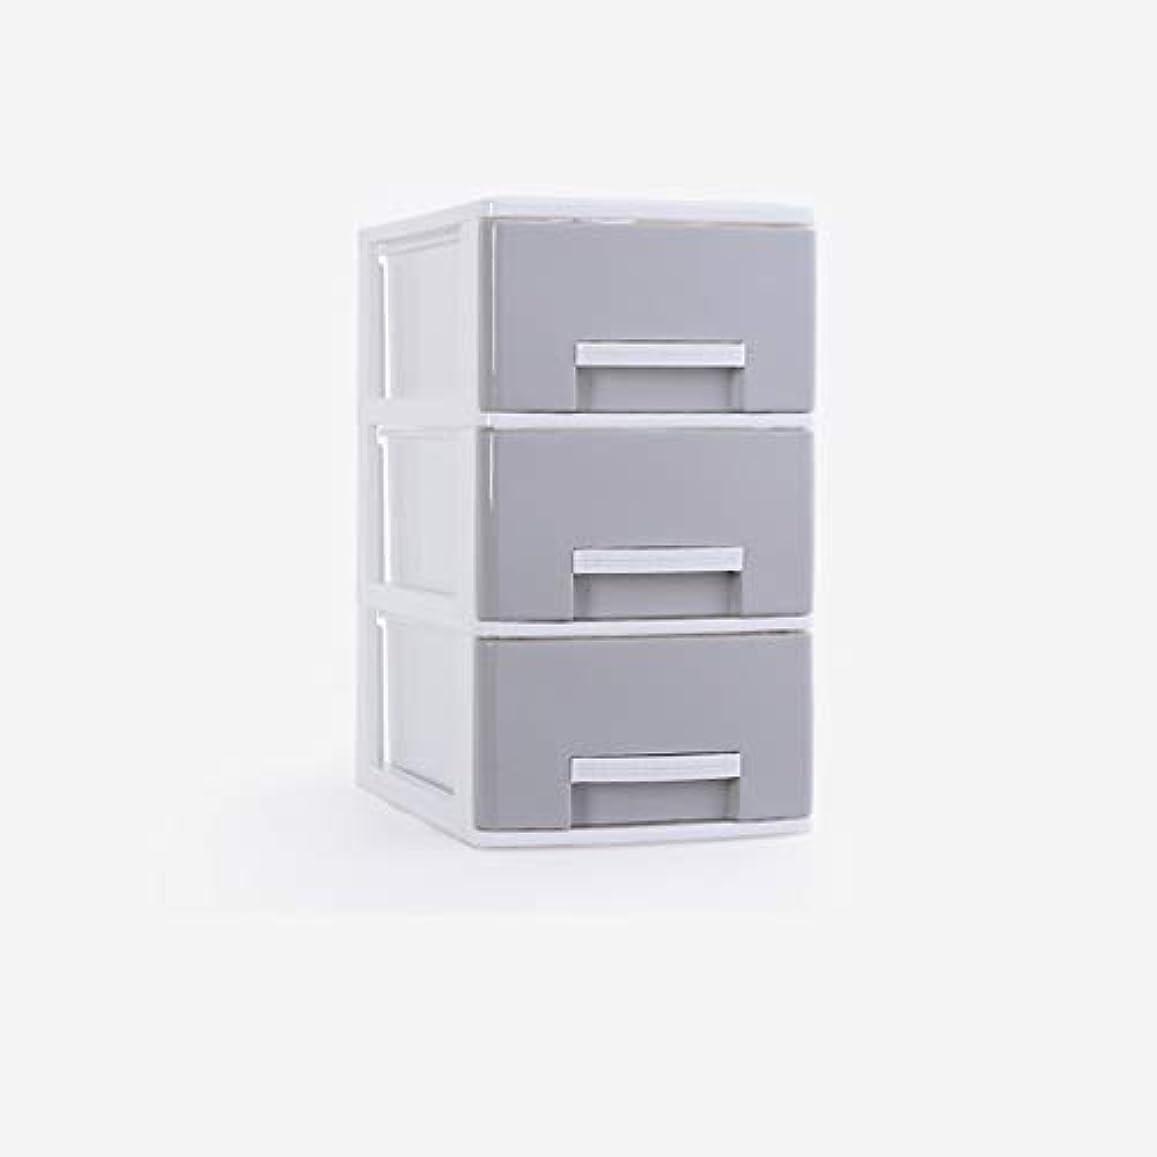 論争の的ジャンピングジャック土地QYSZYG デスクトップ収納ボックスプラスチック引き出し収納キャビネット、オフィスラック、pp素材、2つのスタイル 収納バスケット (色 : A, サイズ さいず : M)